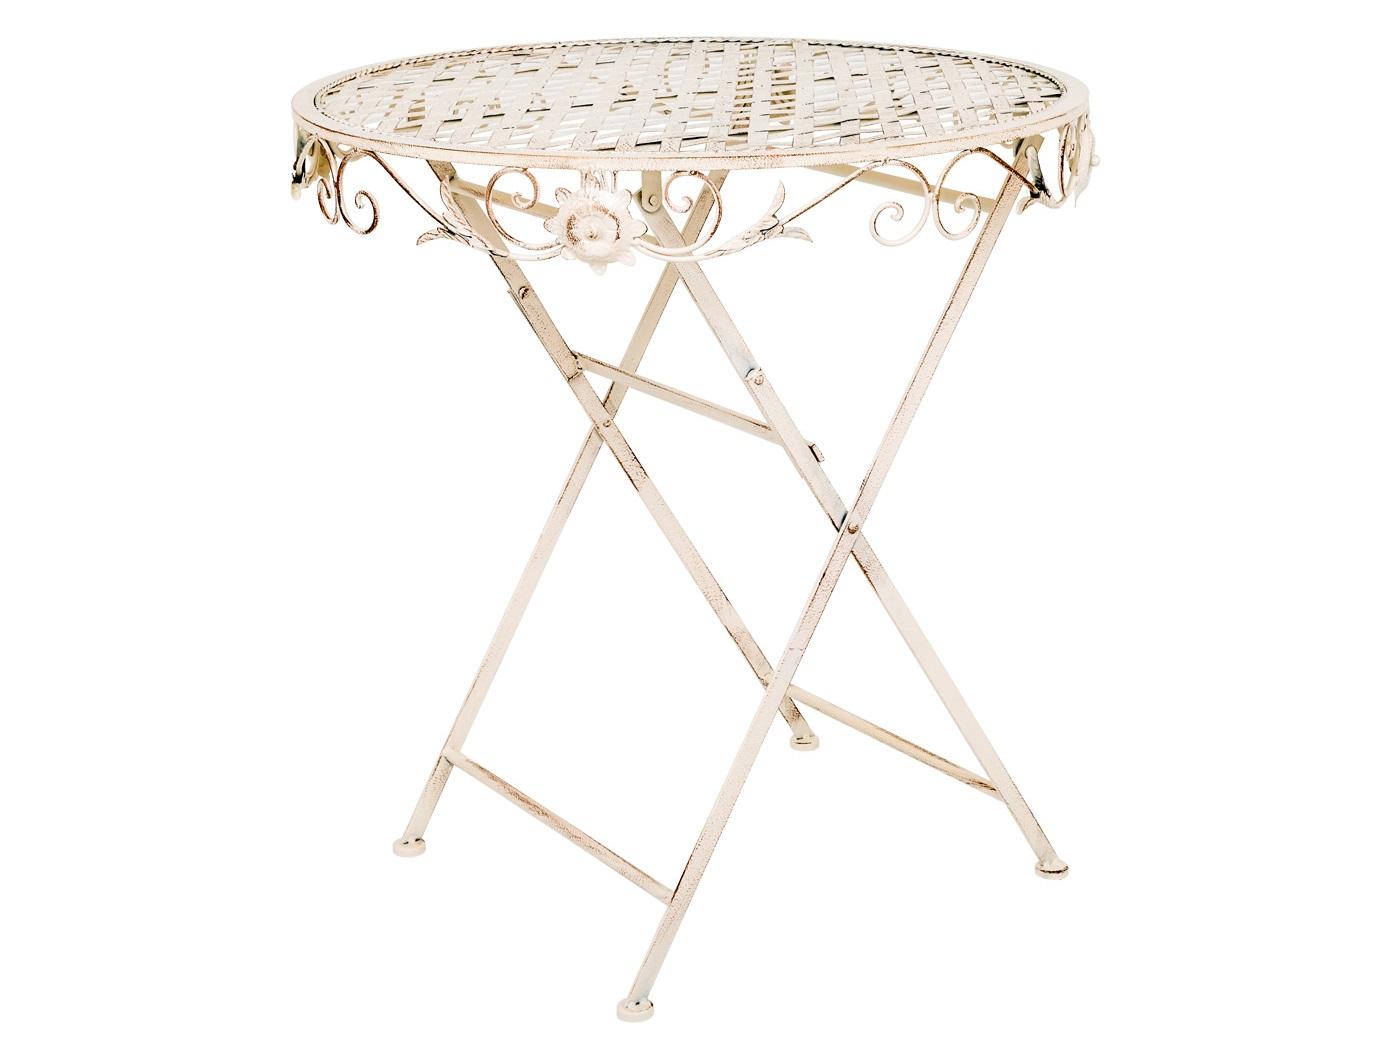 Складной столик для завтрака «Ницца»Столы и столики для сада<br>Складной столик Ницца - солнечная погода в любое время года. Благодаря долговечному и неприхотливому материалу столик сможет долгие годы радовать вас своим удобством. Небольшой вес и складная конструкция позволяют легко перемещать его в нужное место. Гальваническое покрытие защищает столик от коррозии. Вы можете смело использовать его на открытом воздухе при любой погоде.&amp;nbsp;Белый цвет подчеркивает имидж безупречной чистоты дома.<br><br><br><br>kit: None<br>gender: None